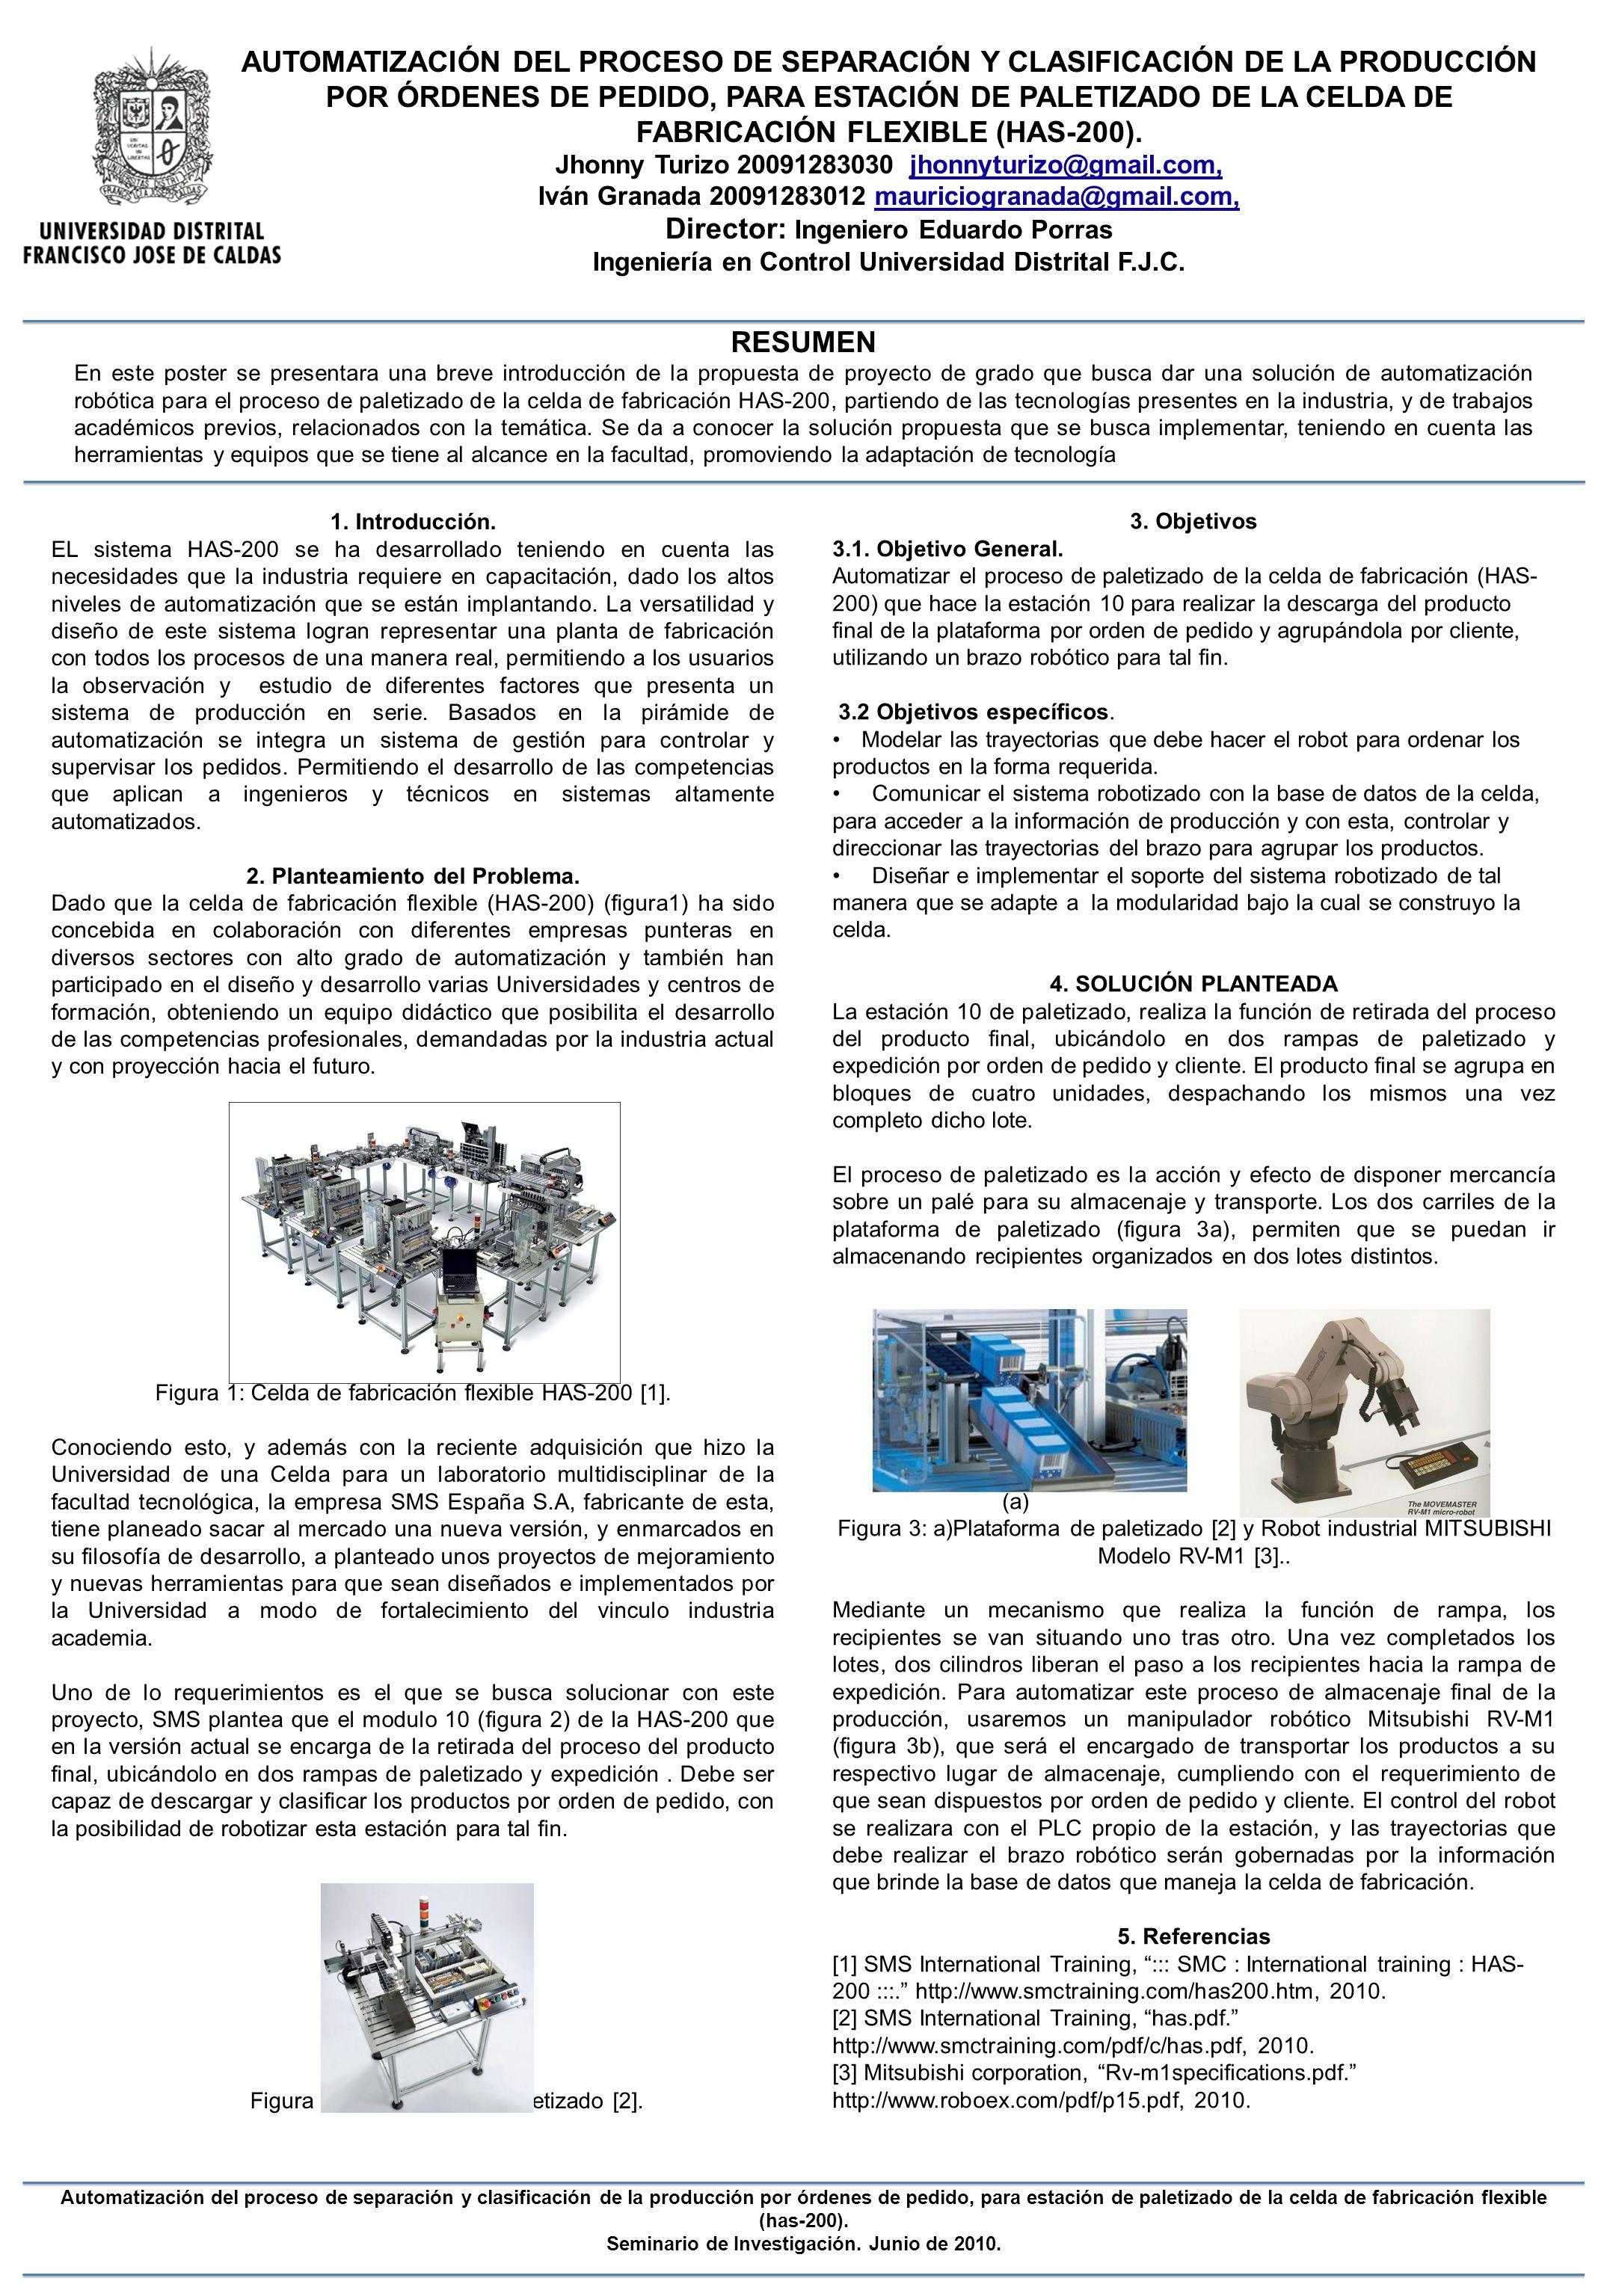 AUTOMATIZACIÓN DEL PROCESO DE SEPARACIÓN Y CLASIFICACIÓN DE LA PRODUCCIÓN POR ÓRDENES DE PEDIDO, PARA ESTACIÓN DE PALETIZADO DE LA CELDA DE FABRICACIÓN FLEXIBLE (HAS-200).